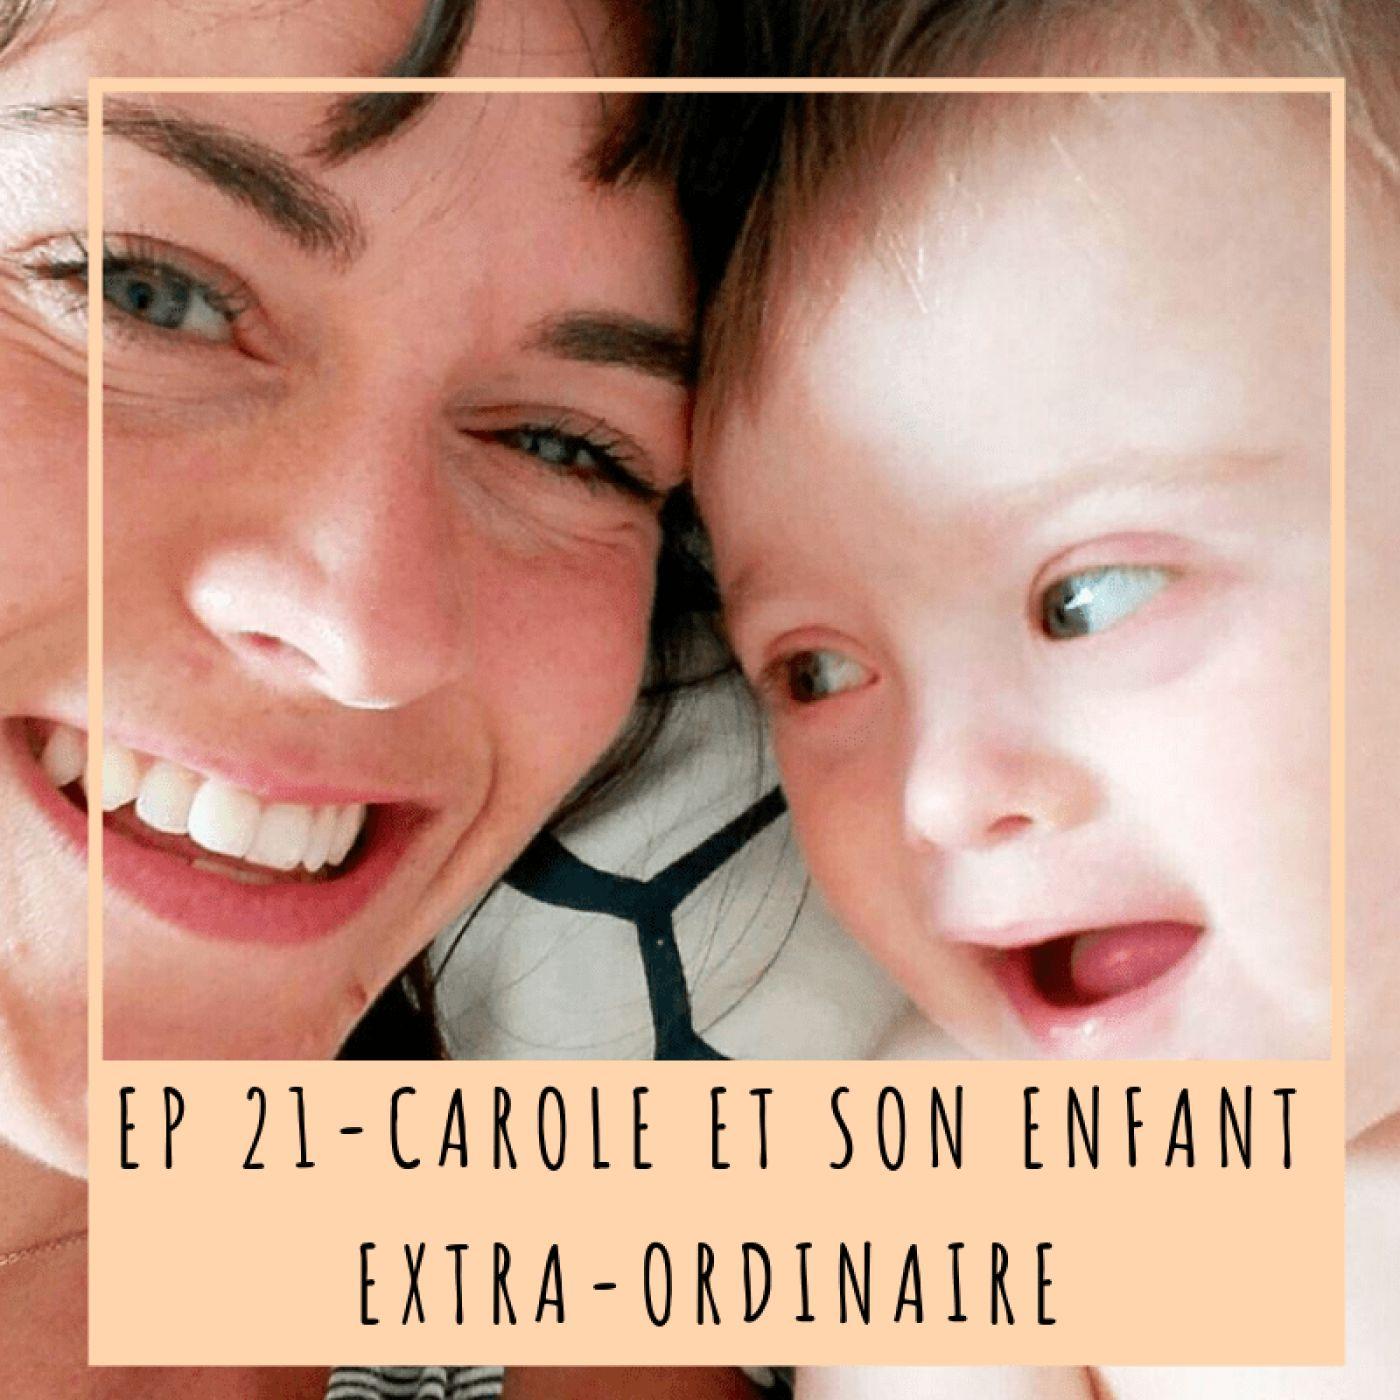 EP 21- CAROLE ET SON ENFANT EXTRA-ORDINAIRE